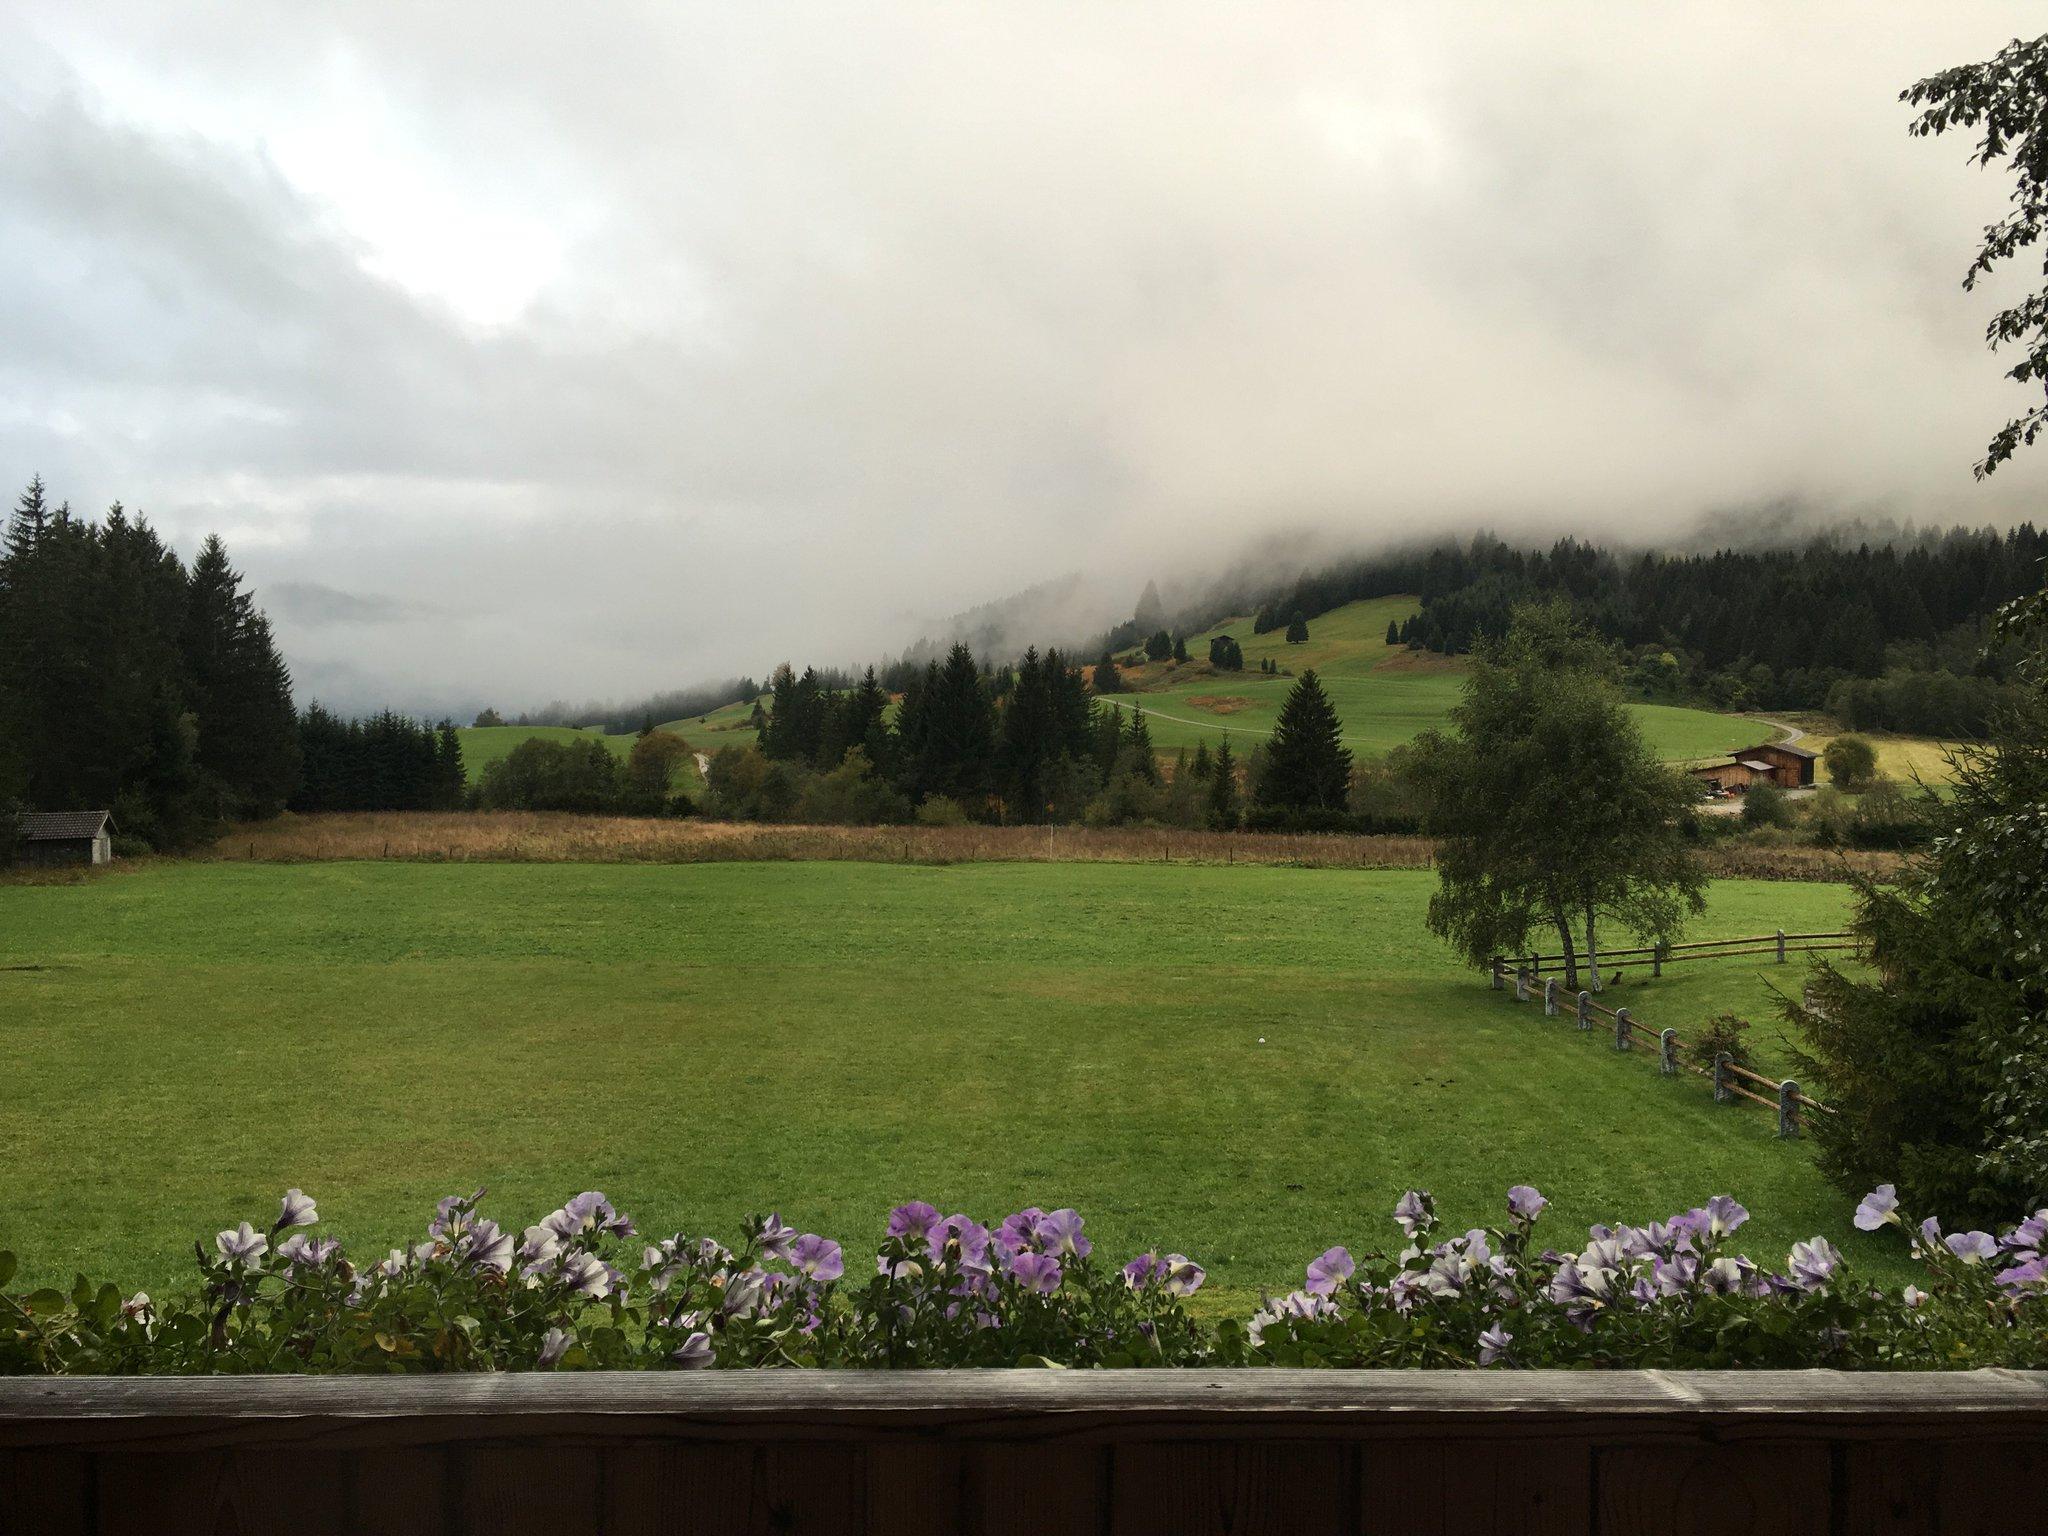 Guten Morgen aus Grän #meurers #TannheimerTal #balkontweet https://t.co/j9MAdBVOqx